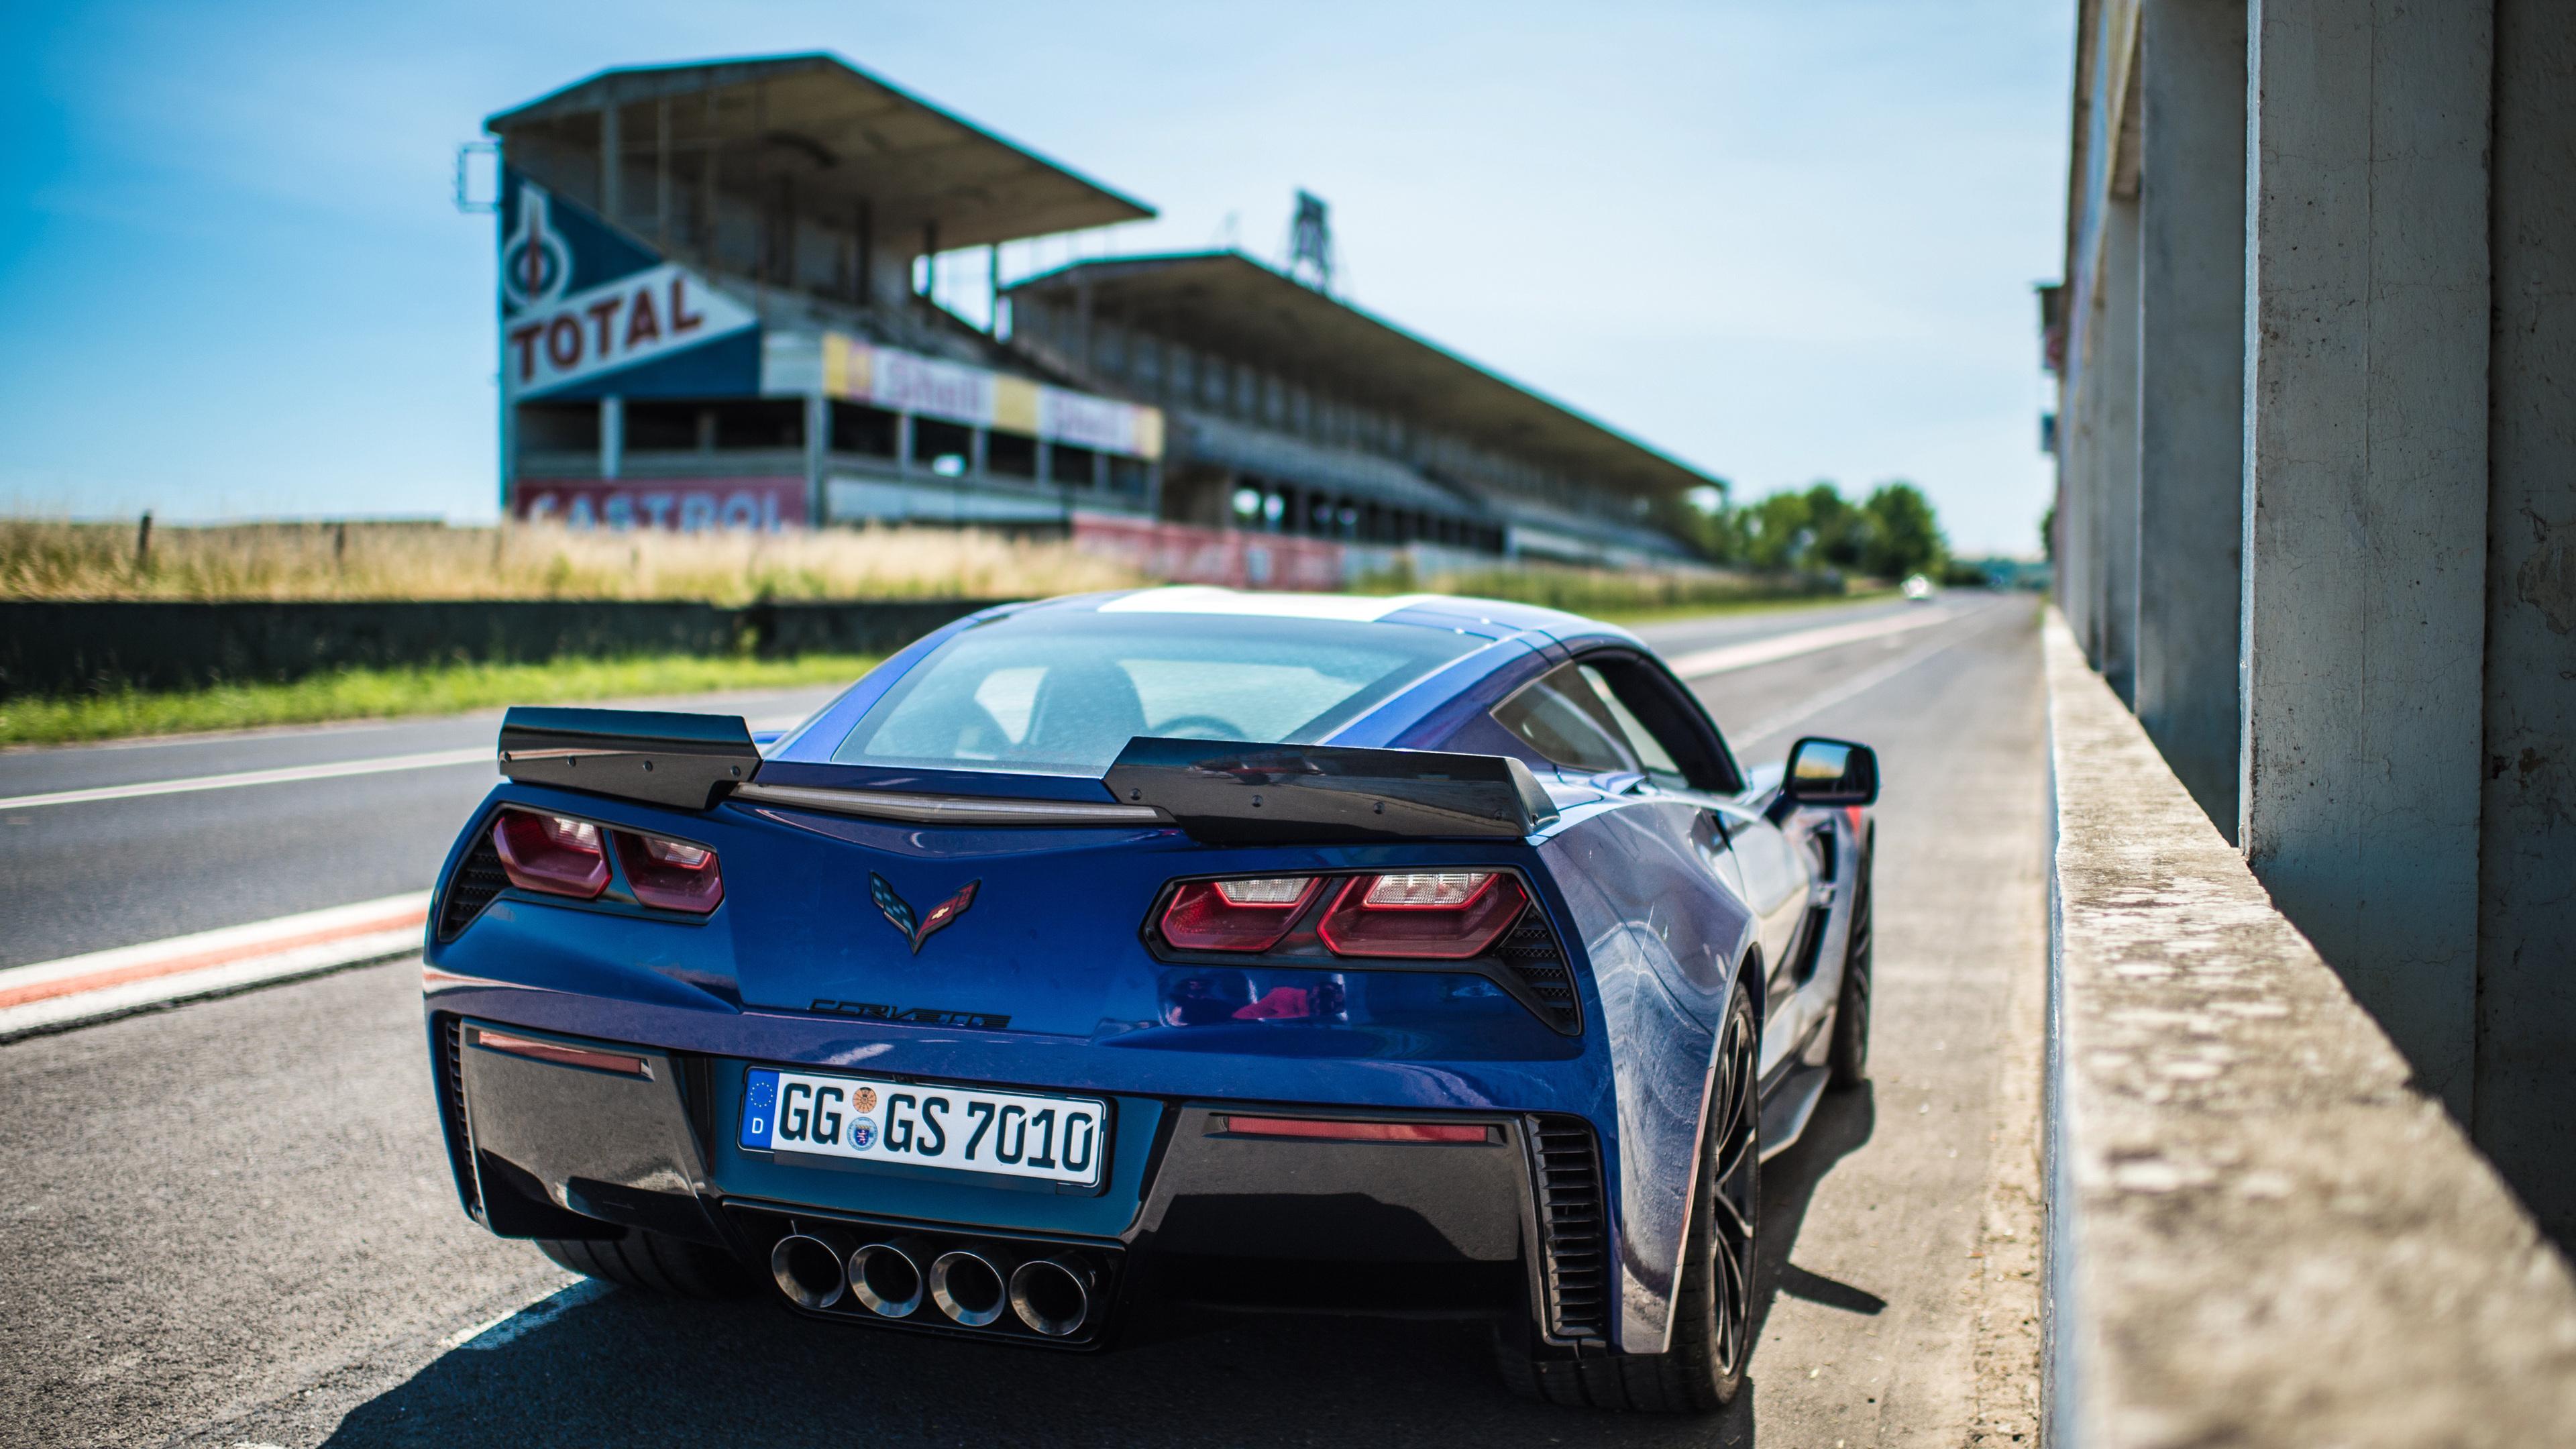 chevrolet corvette grand sport rear 1539110647 - Chevrolet Corvette Grand Sport Rear - racing wallpapers, hd-wallpapers, corvette wallpapers, chevrolet wallpapers, cars wallpapers, 4k-wallpapers